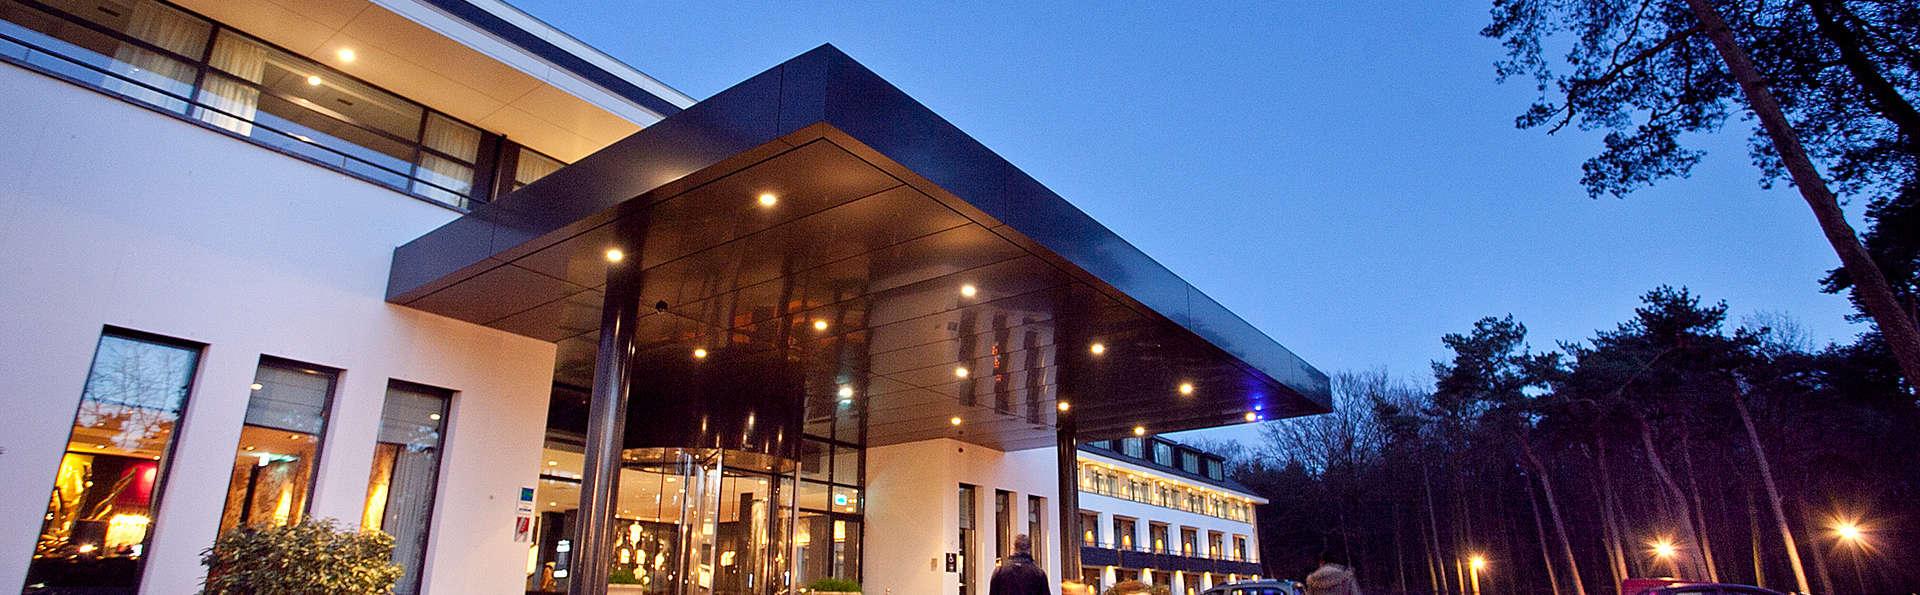 Van der Valk hotel Harderwijk - EDIT_NEW_frotn.jpg